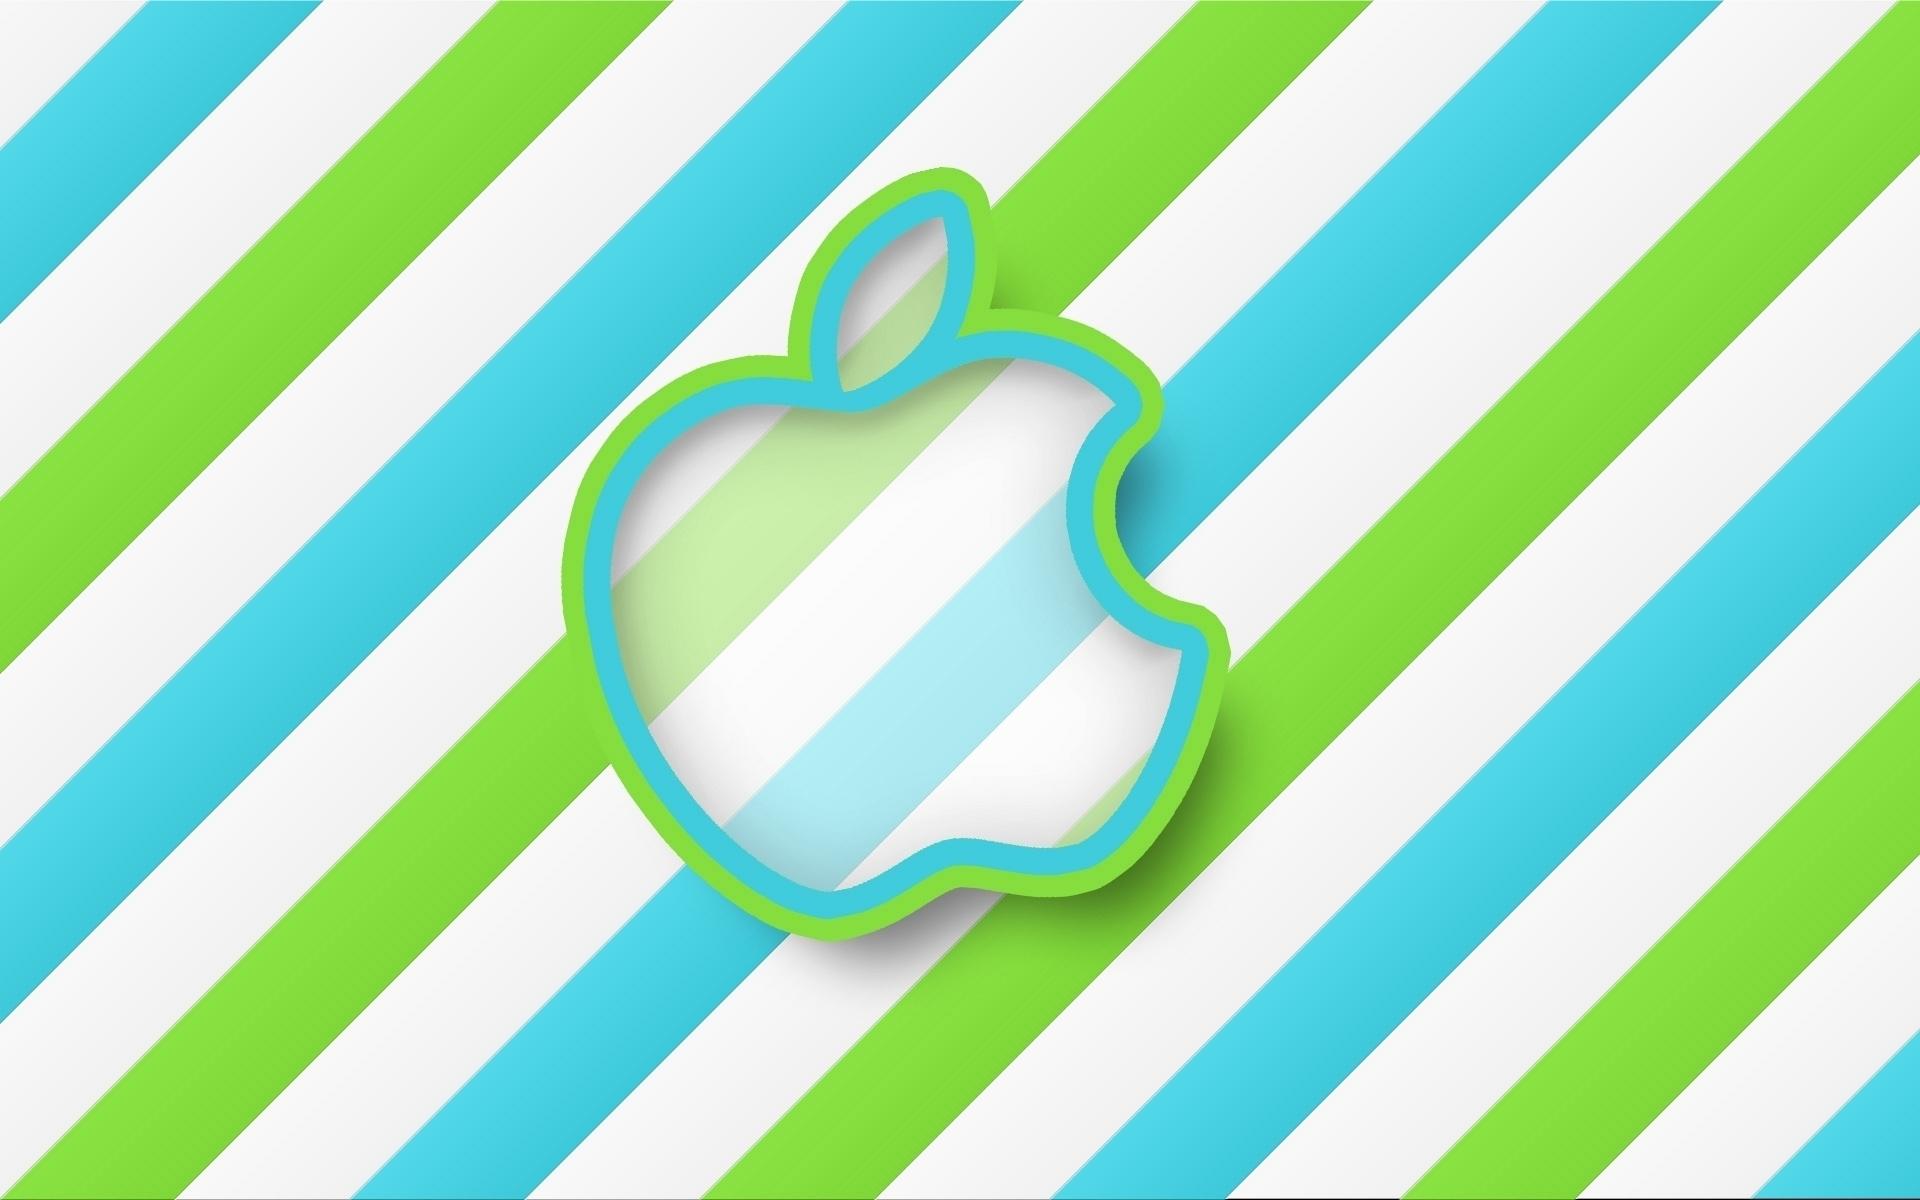 47696 скачать обои Бренды, Фон, Apple - заставки и картинки бесплатно